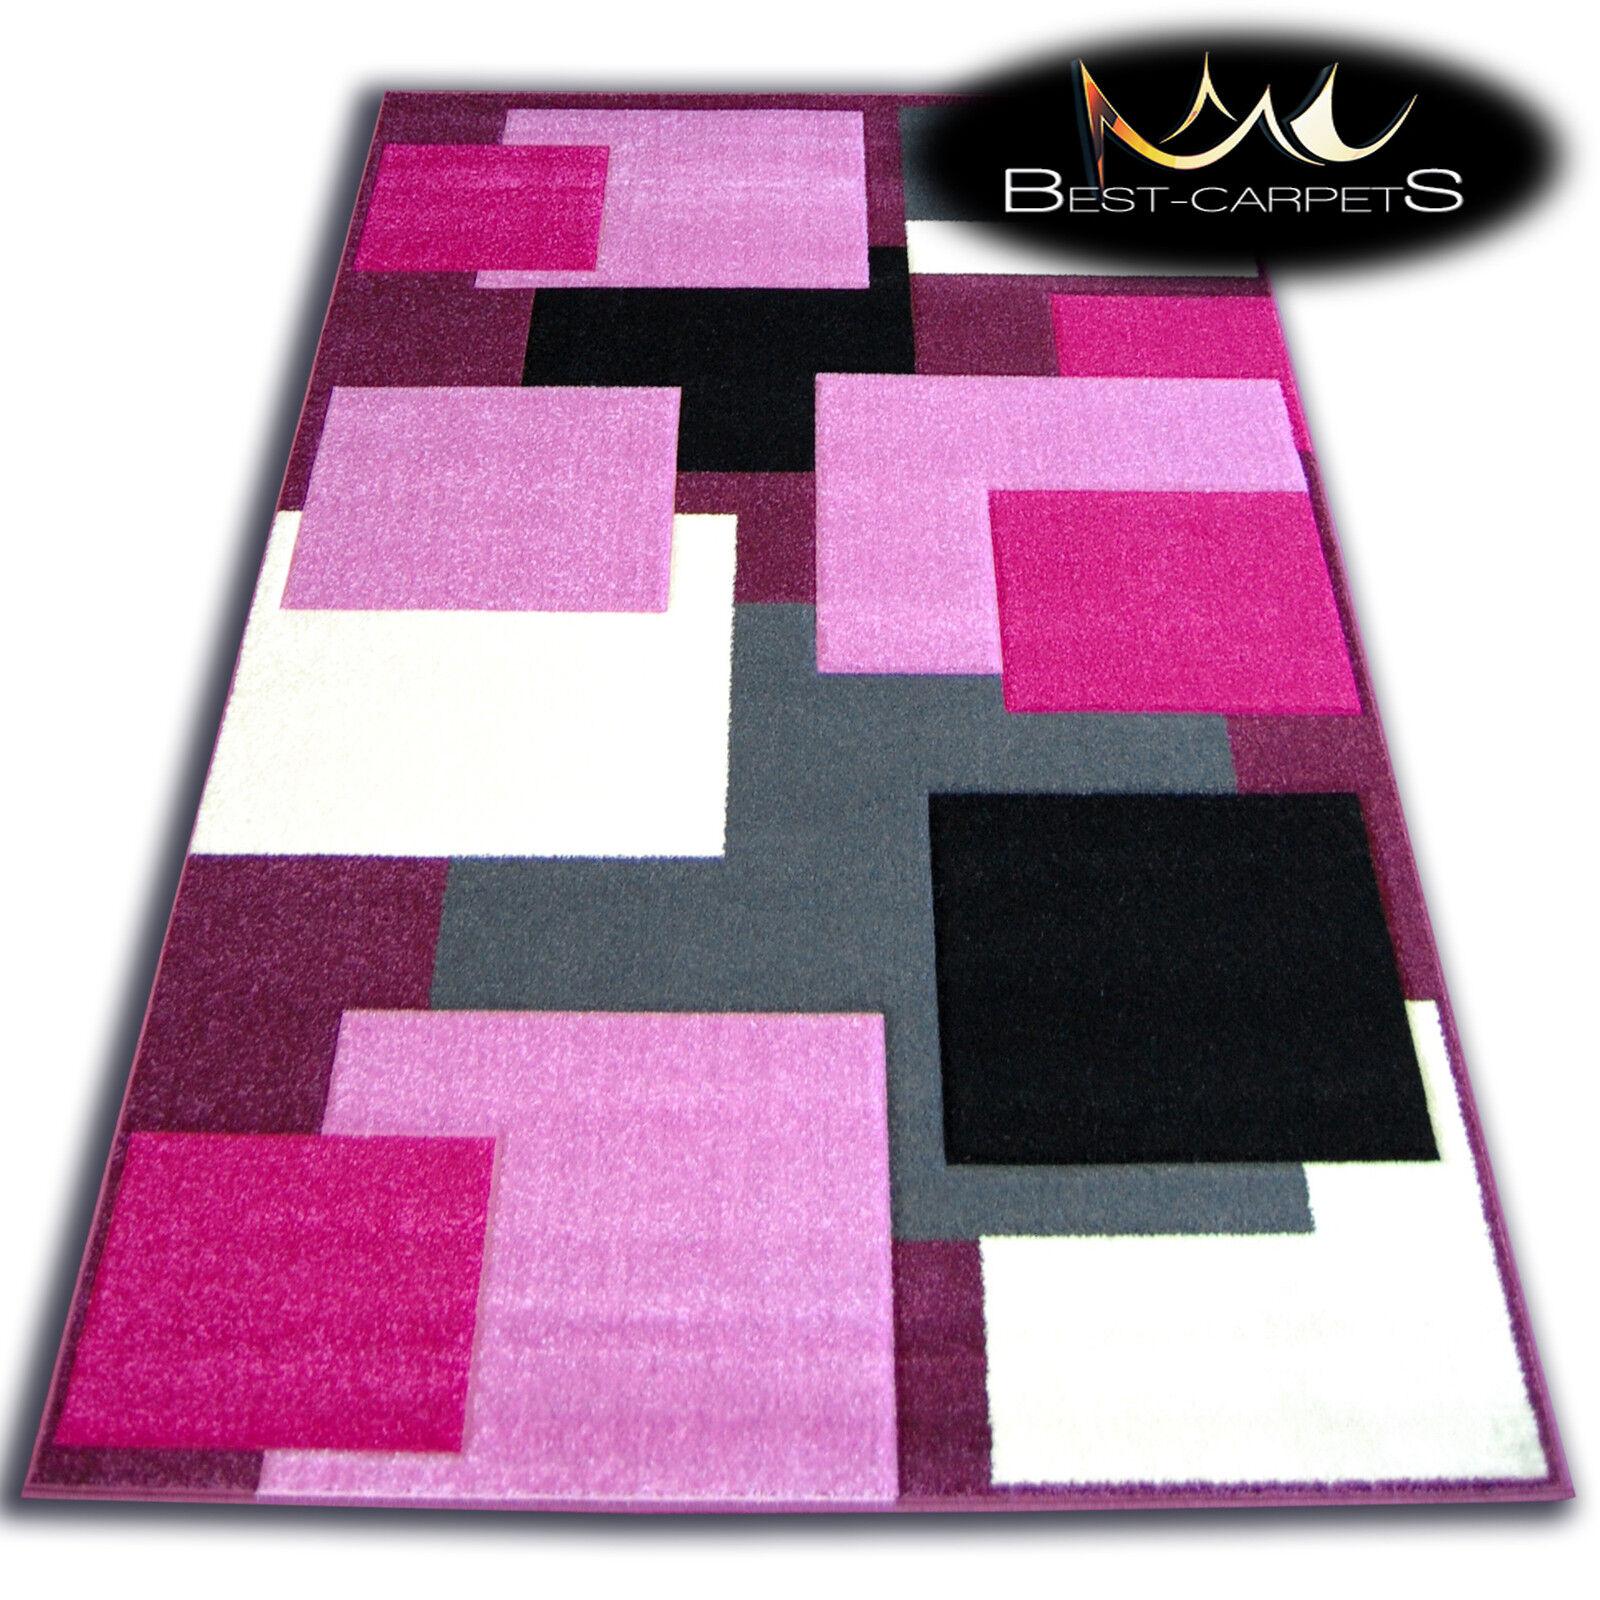 Épais Épais Épais Tapis Modernes' Pilly ' Carreaux Rose Violet Zone D'Impression Pas Cher bdba86